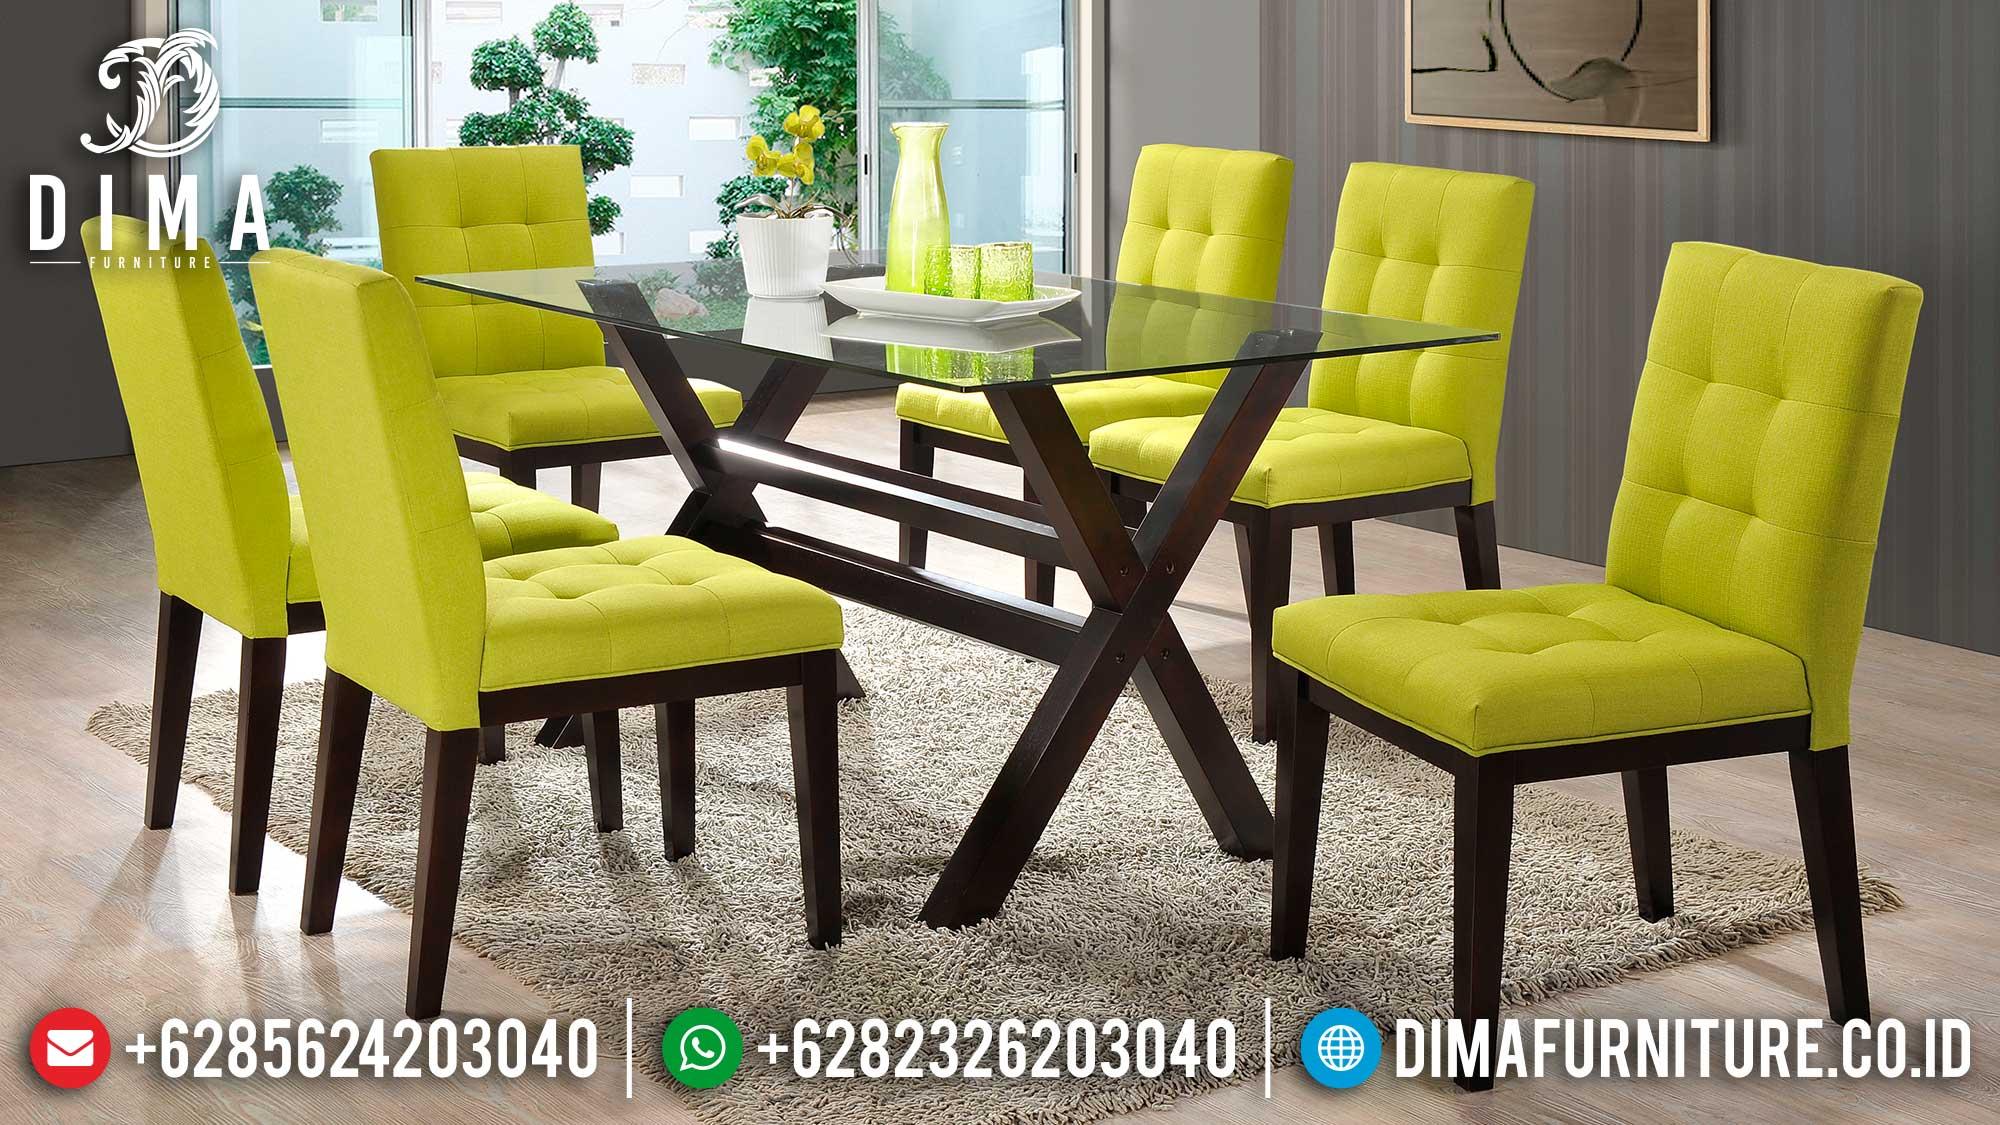 Simplifield Set Meja Makan Jati Minimalis Natural Rustic Style Furniture Jepara Mm-1026